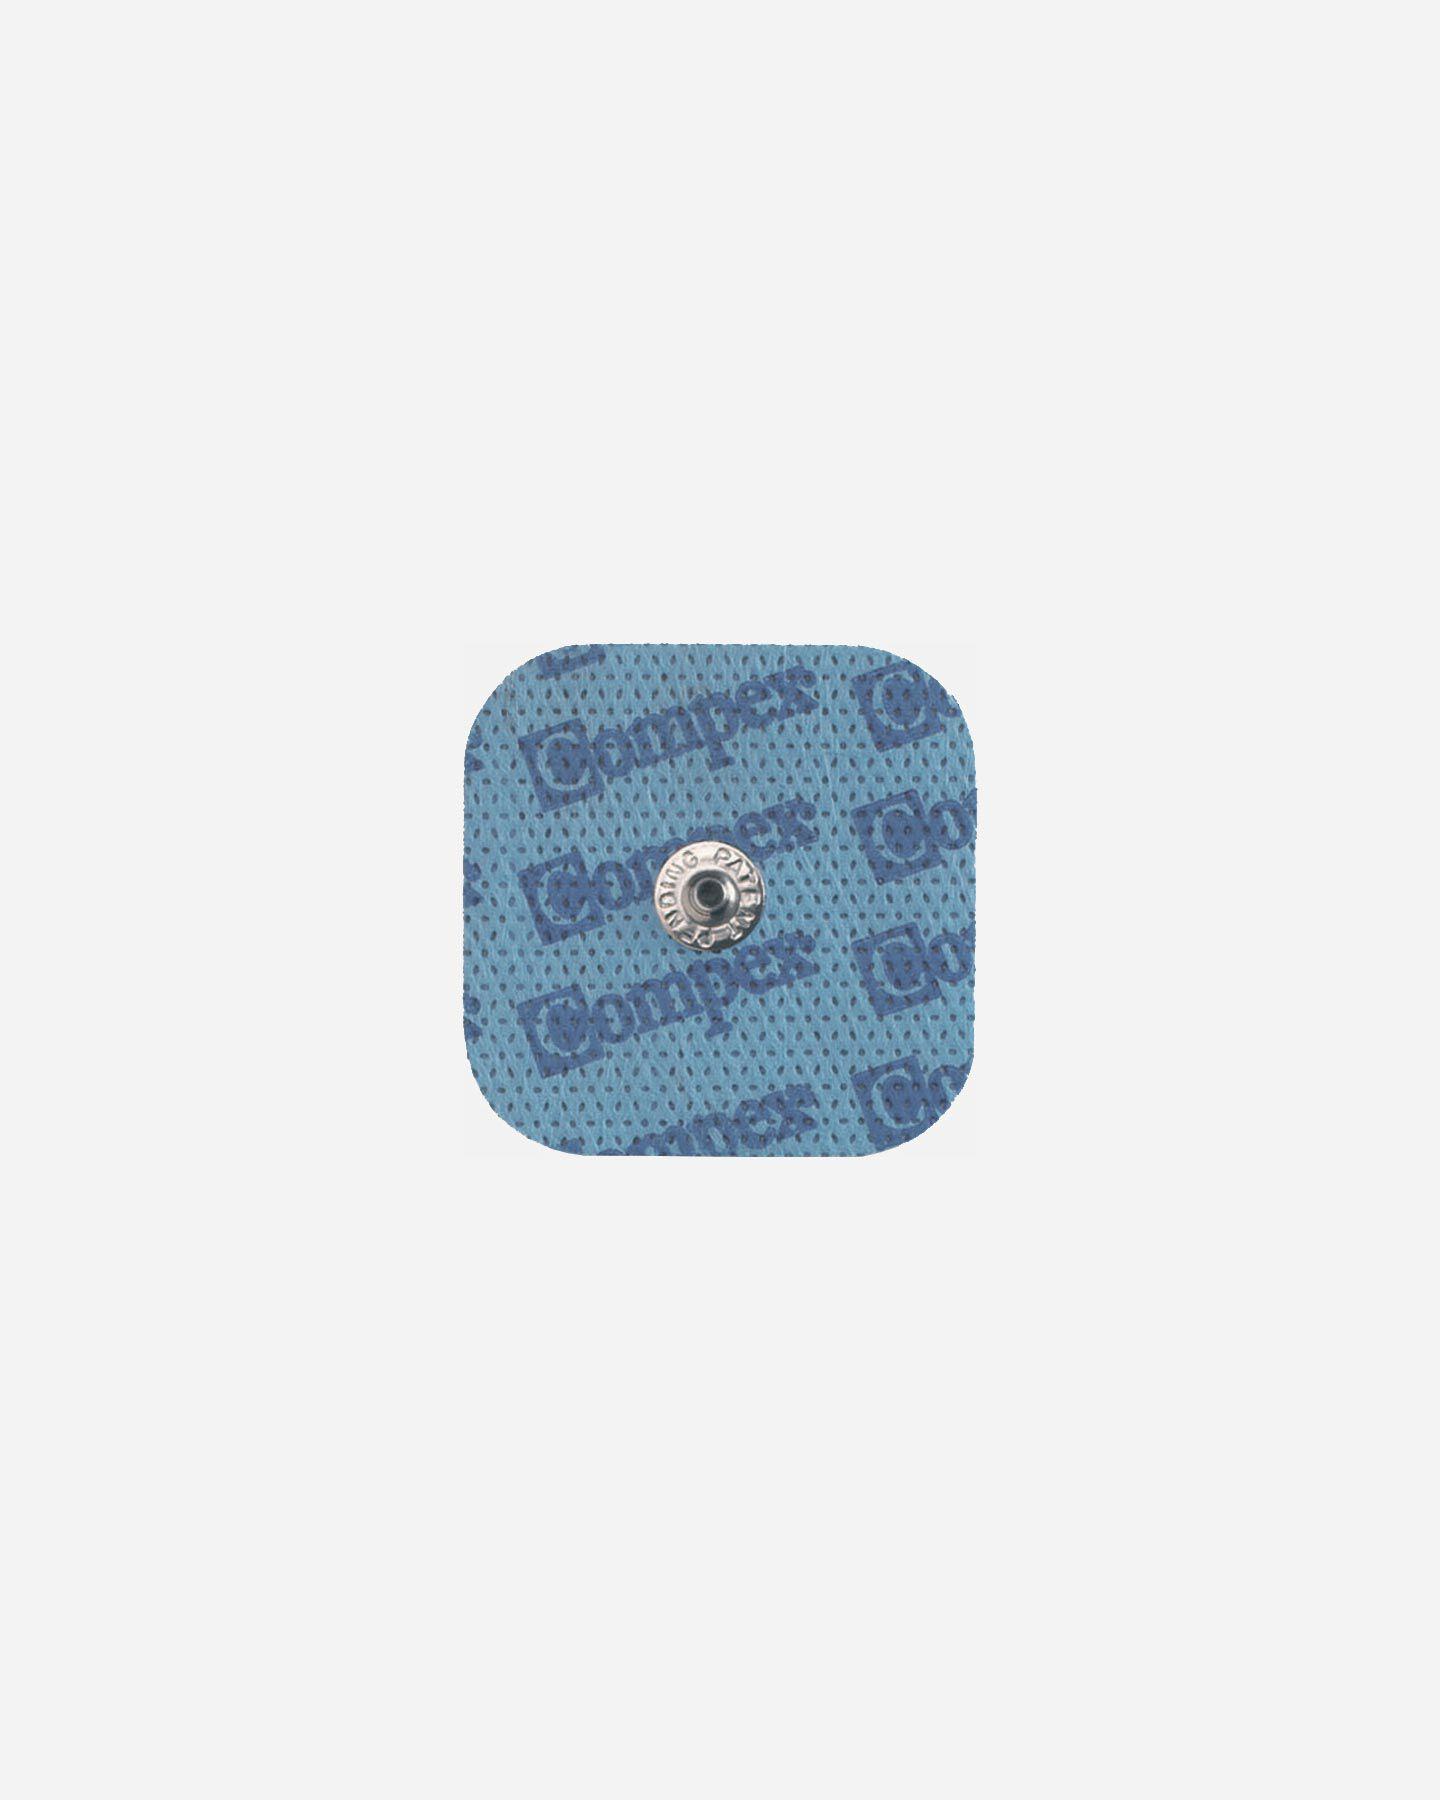 Accessorio elettrostimolatore COMPEX SNAPS PICCOLI 5X5 S0437927 1 UNI scatto 0